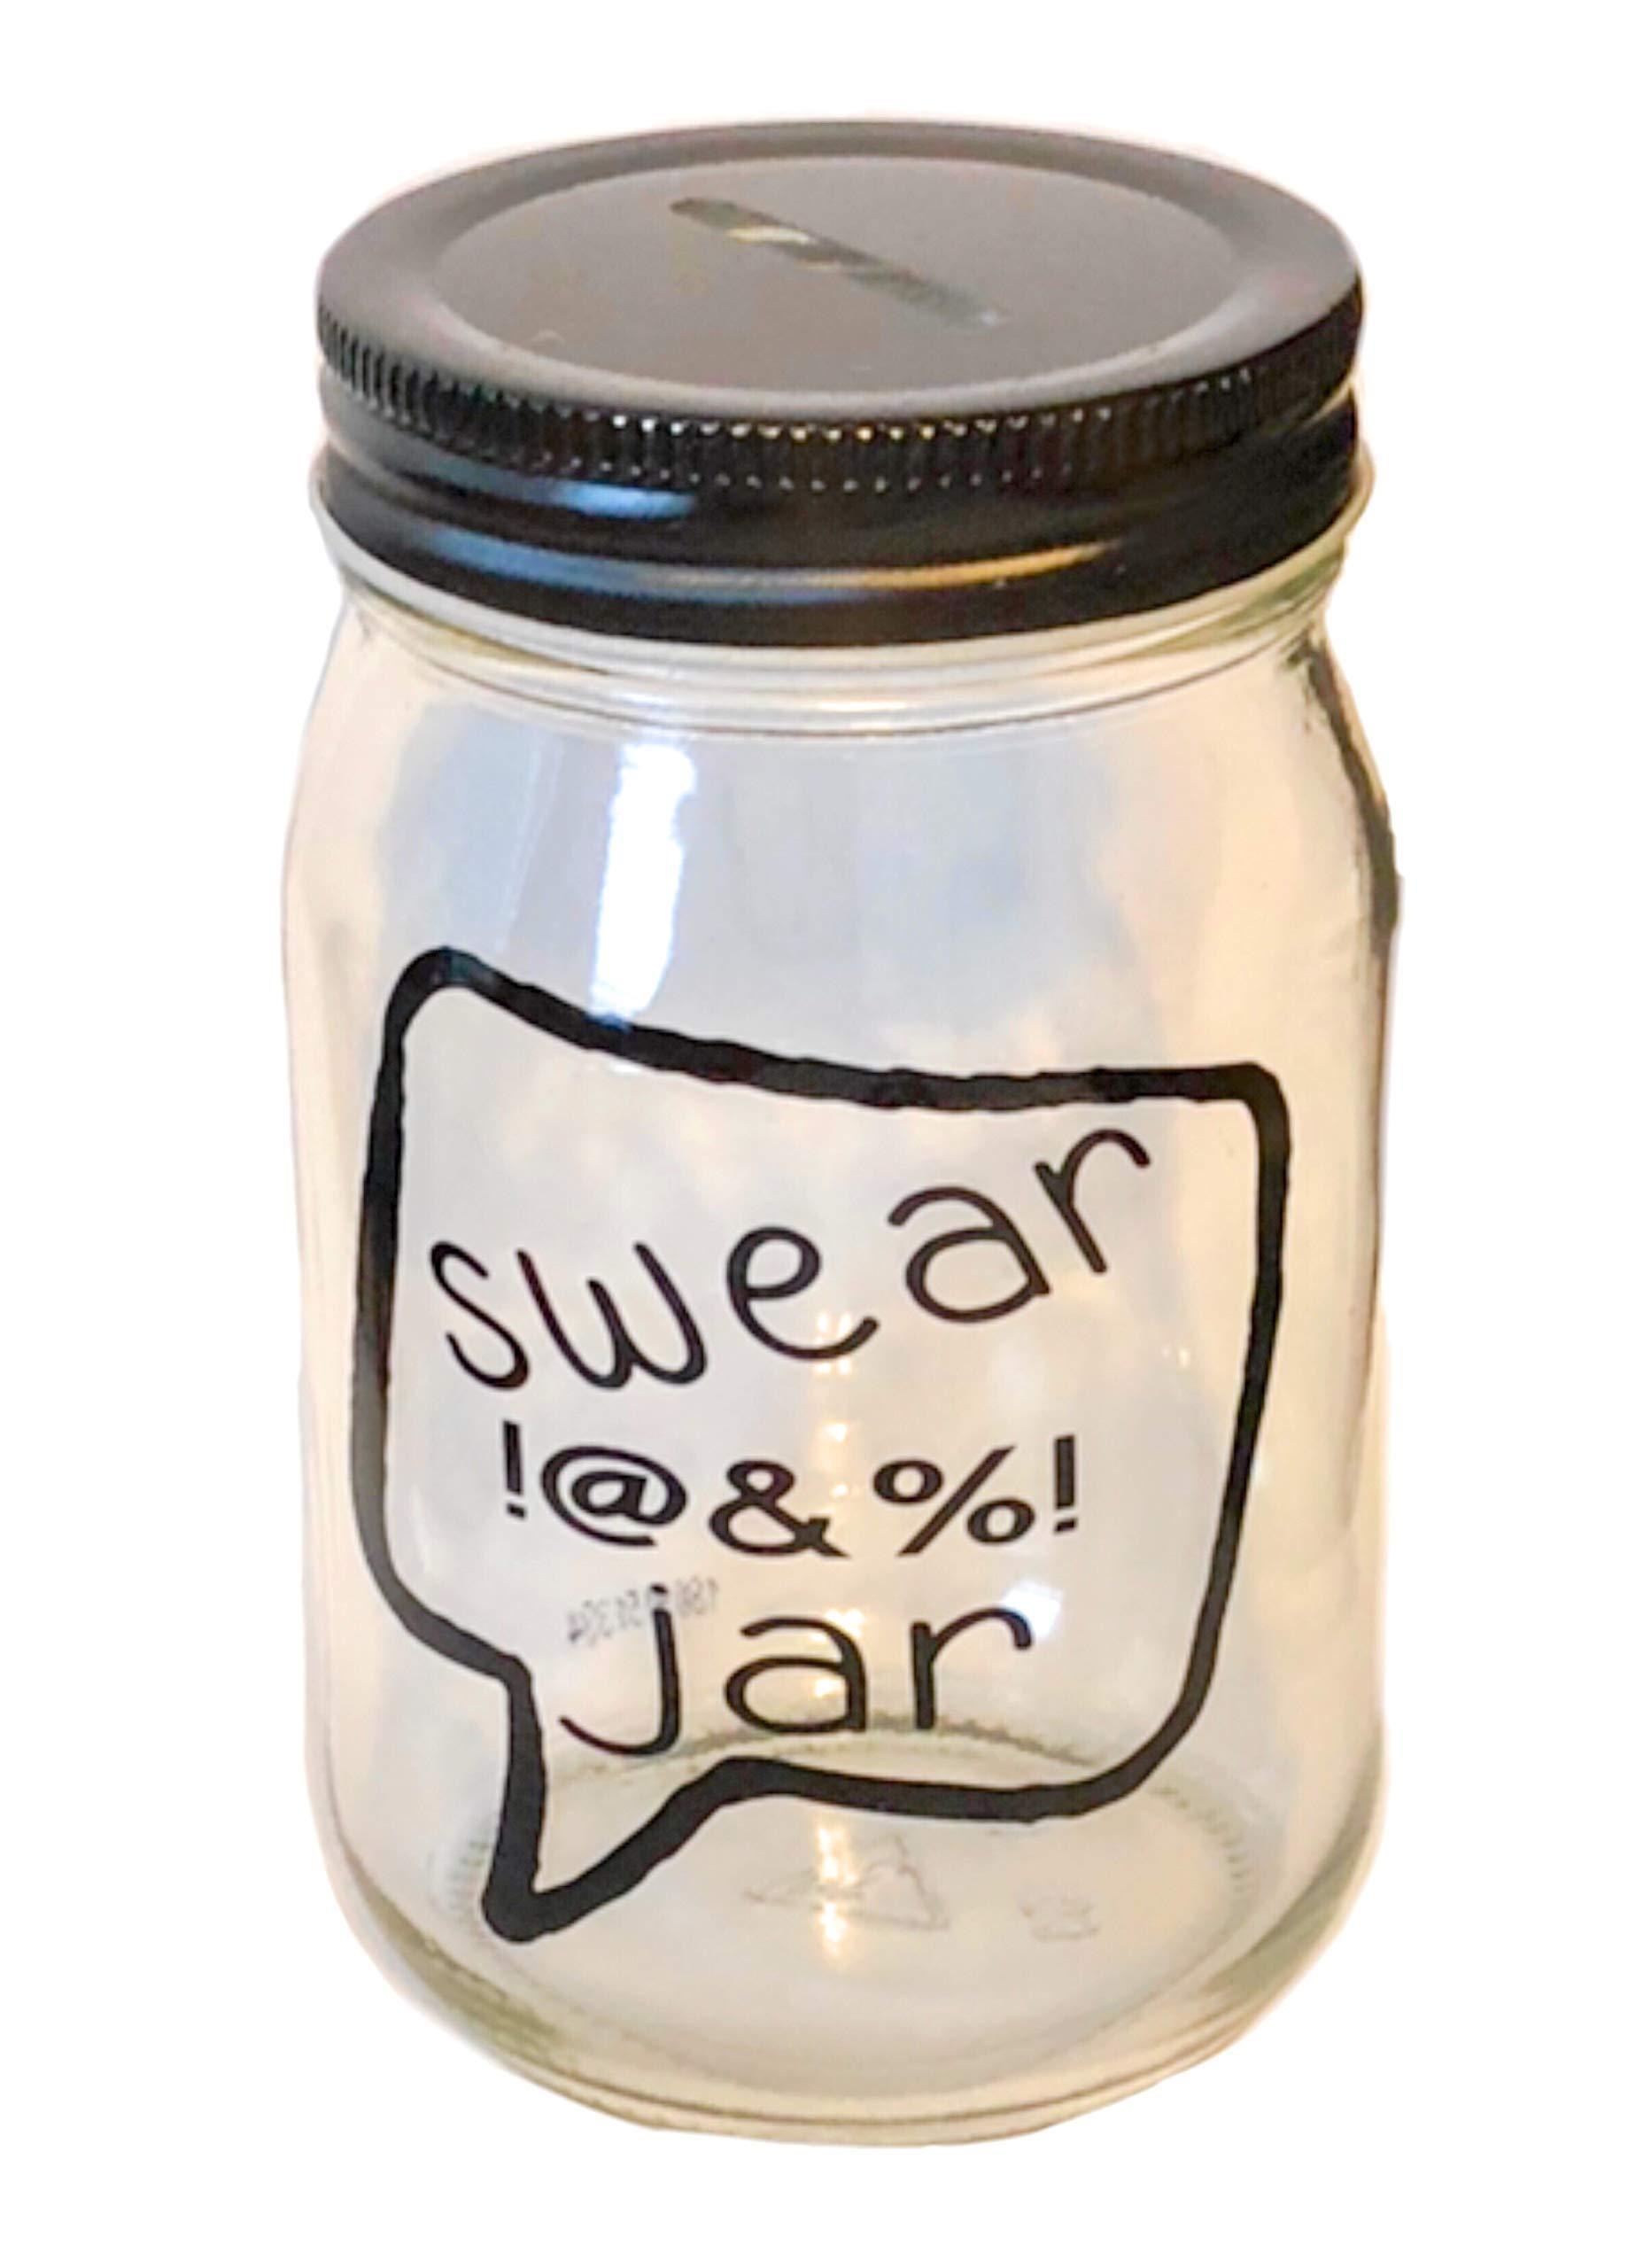 Swear Jar Mason jar Bank Curse Jar Profanity Jar Funny Gift Piggy Bank Coin Collection Swearing Jar Coin Slot Lid